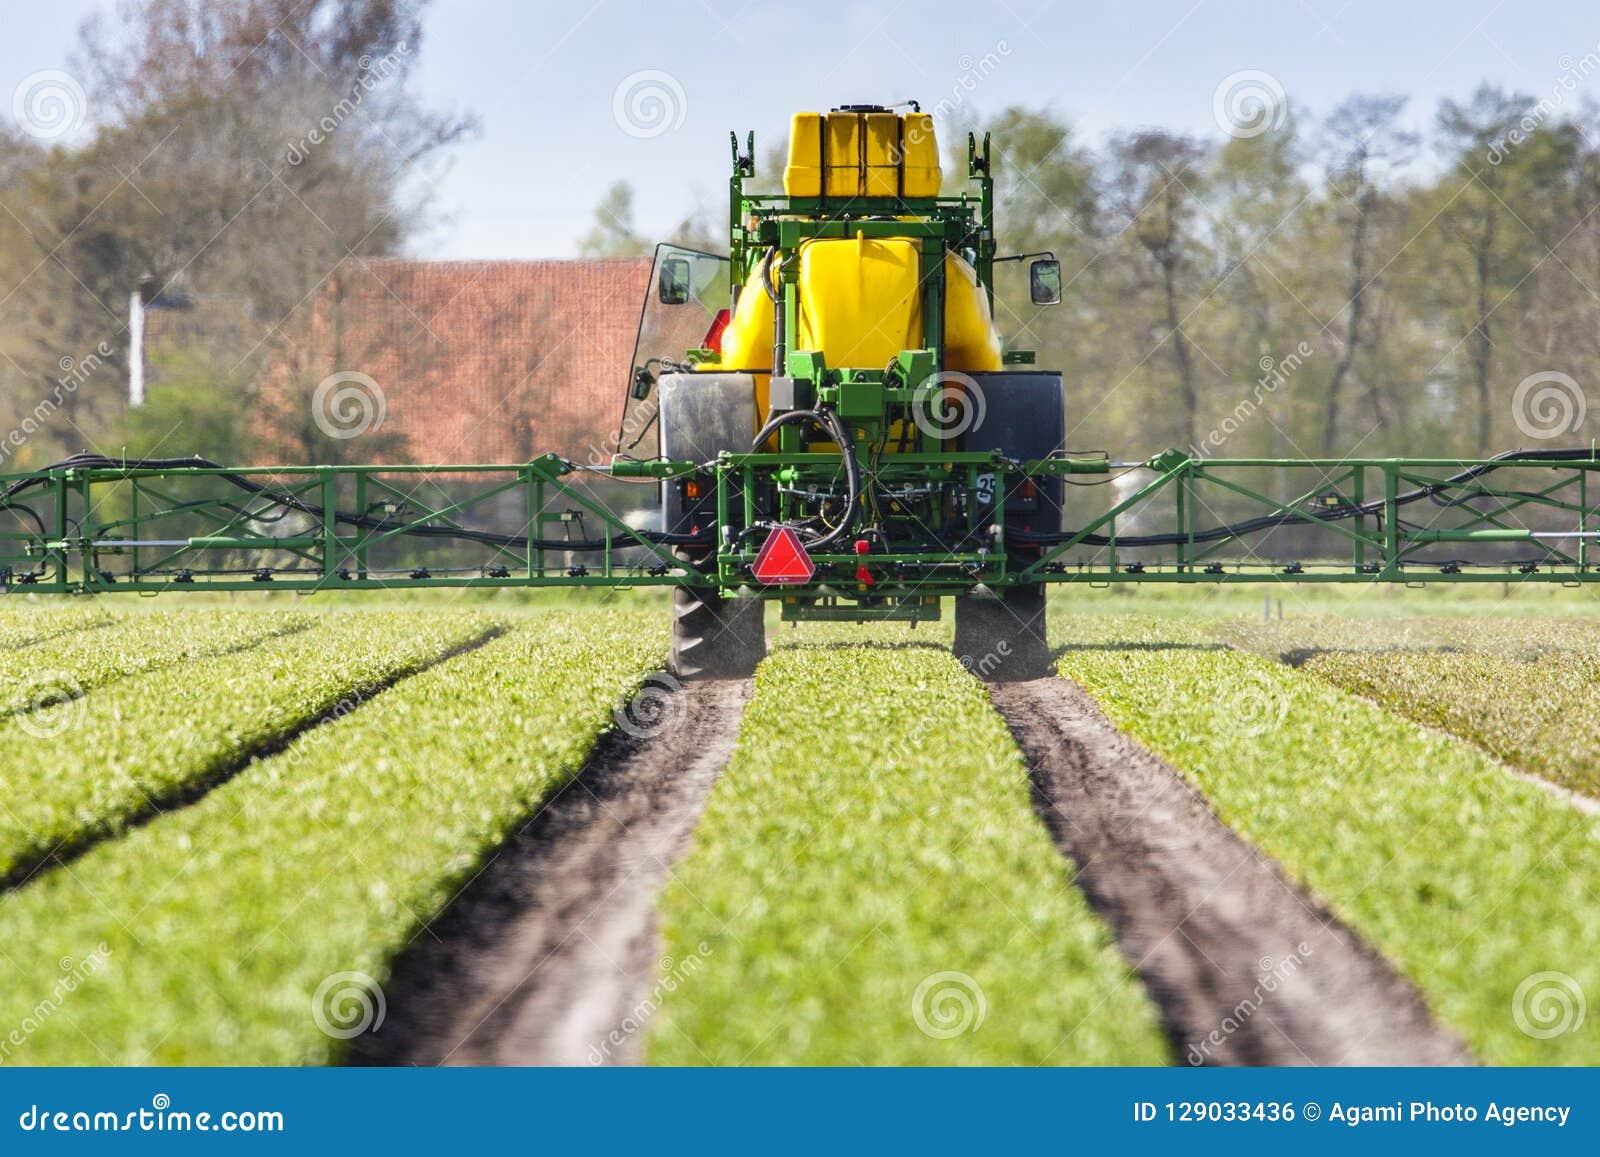 El tractor muere spuit del landbouwgif, pesticidas de rociadura del tractor